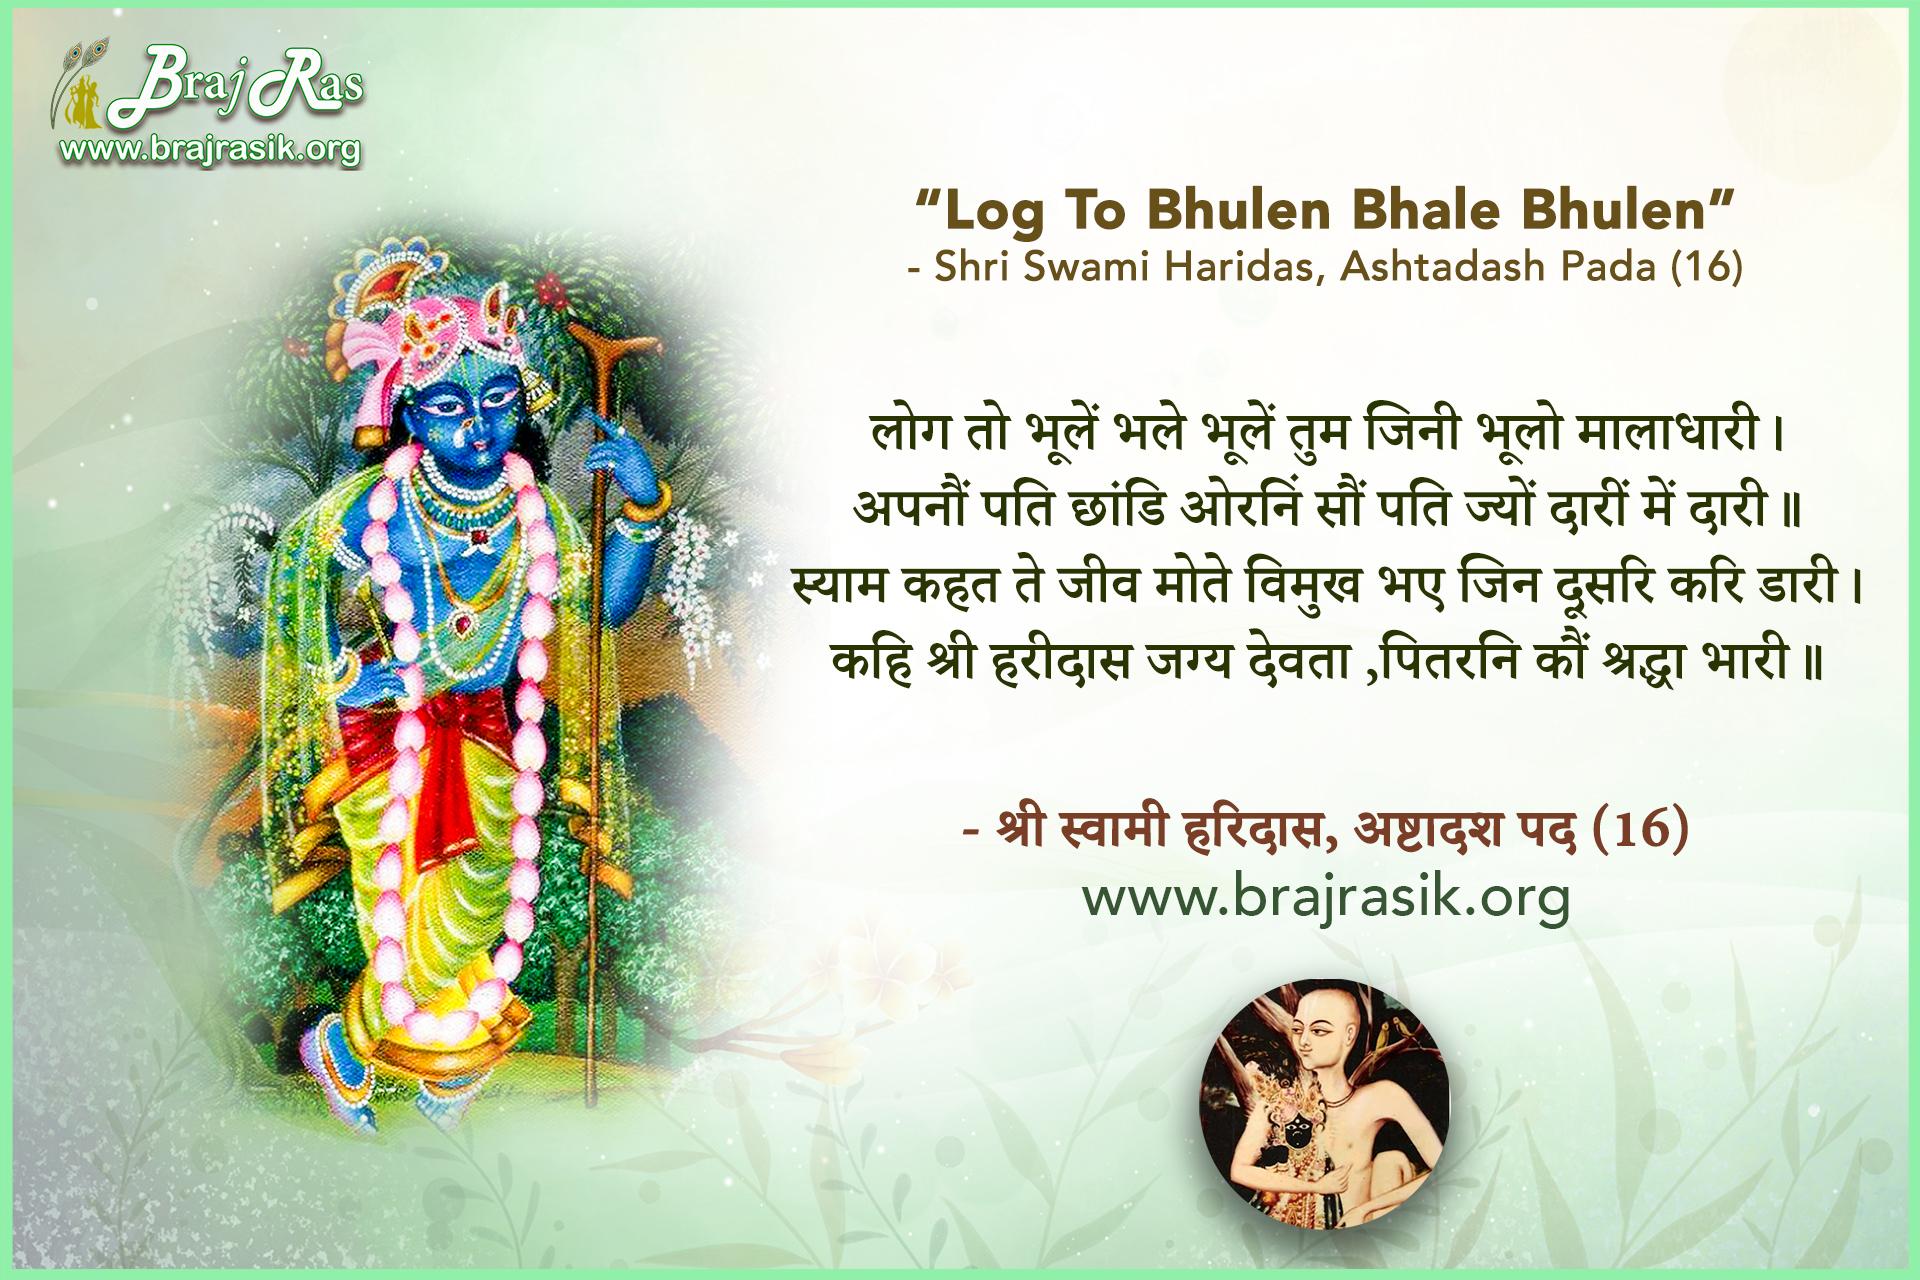 Log To Bhulen Bhale Bhulen - Shri Swami Haridas, Ashtadash Pad (16)